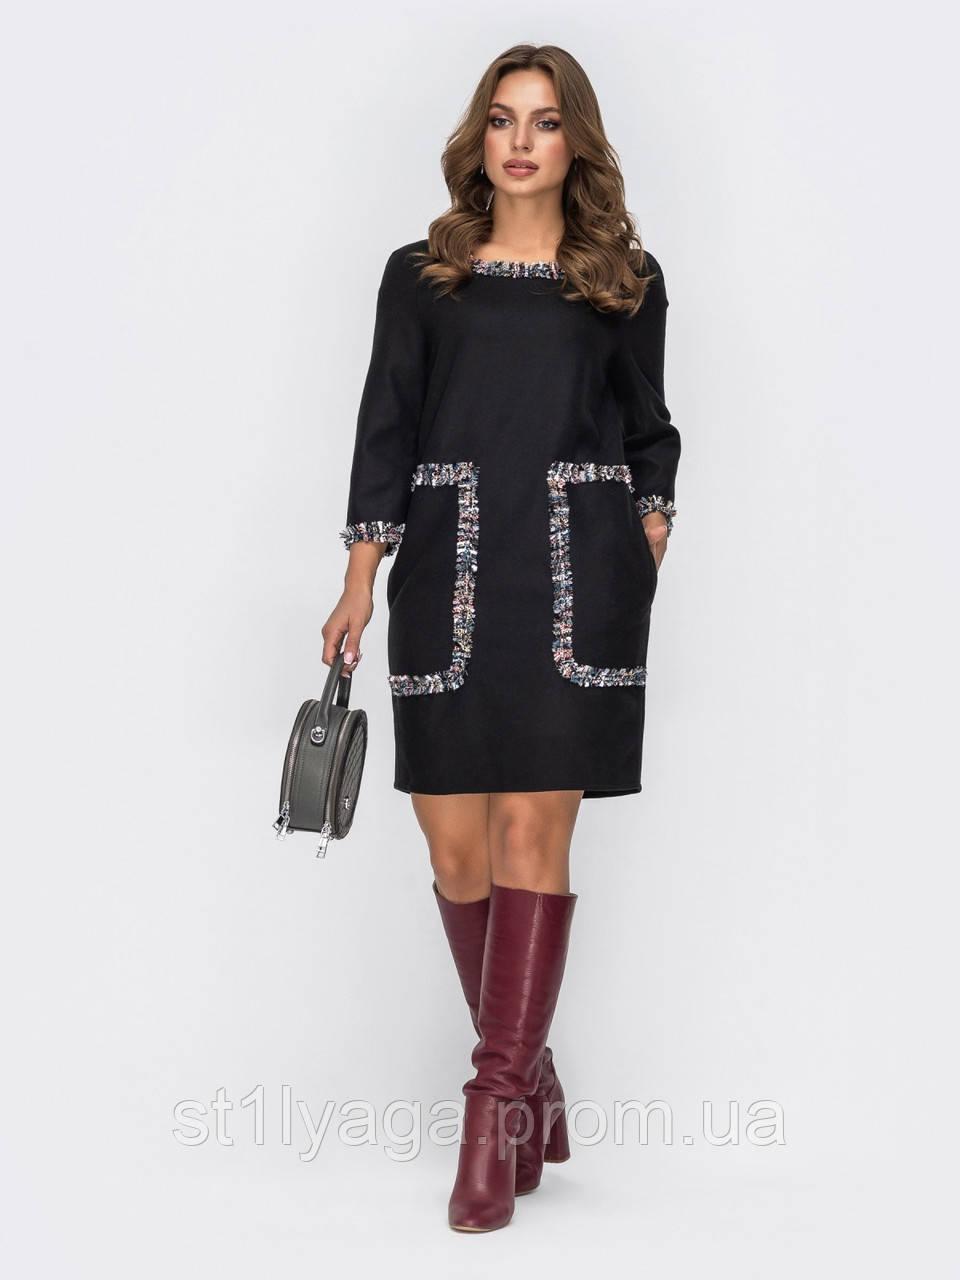 Черное платье прямого кроя с накладными карманами из плотного кашемира